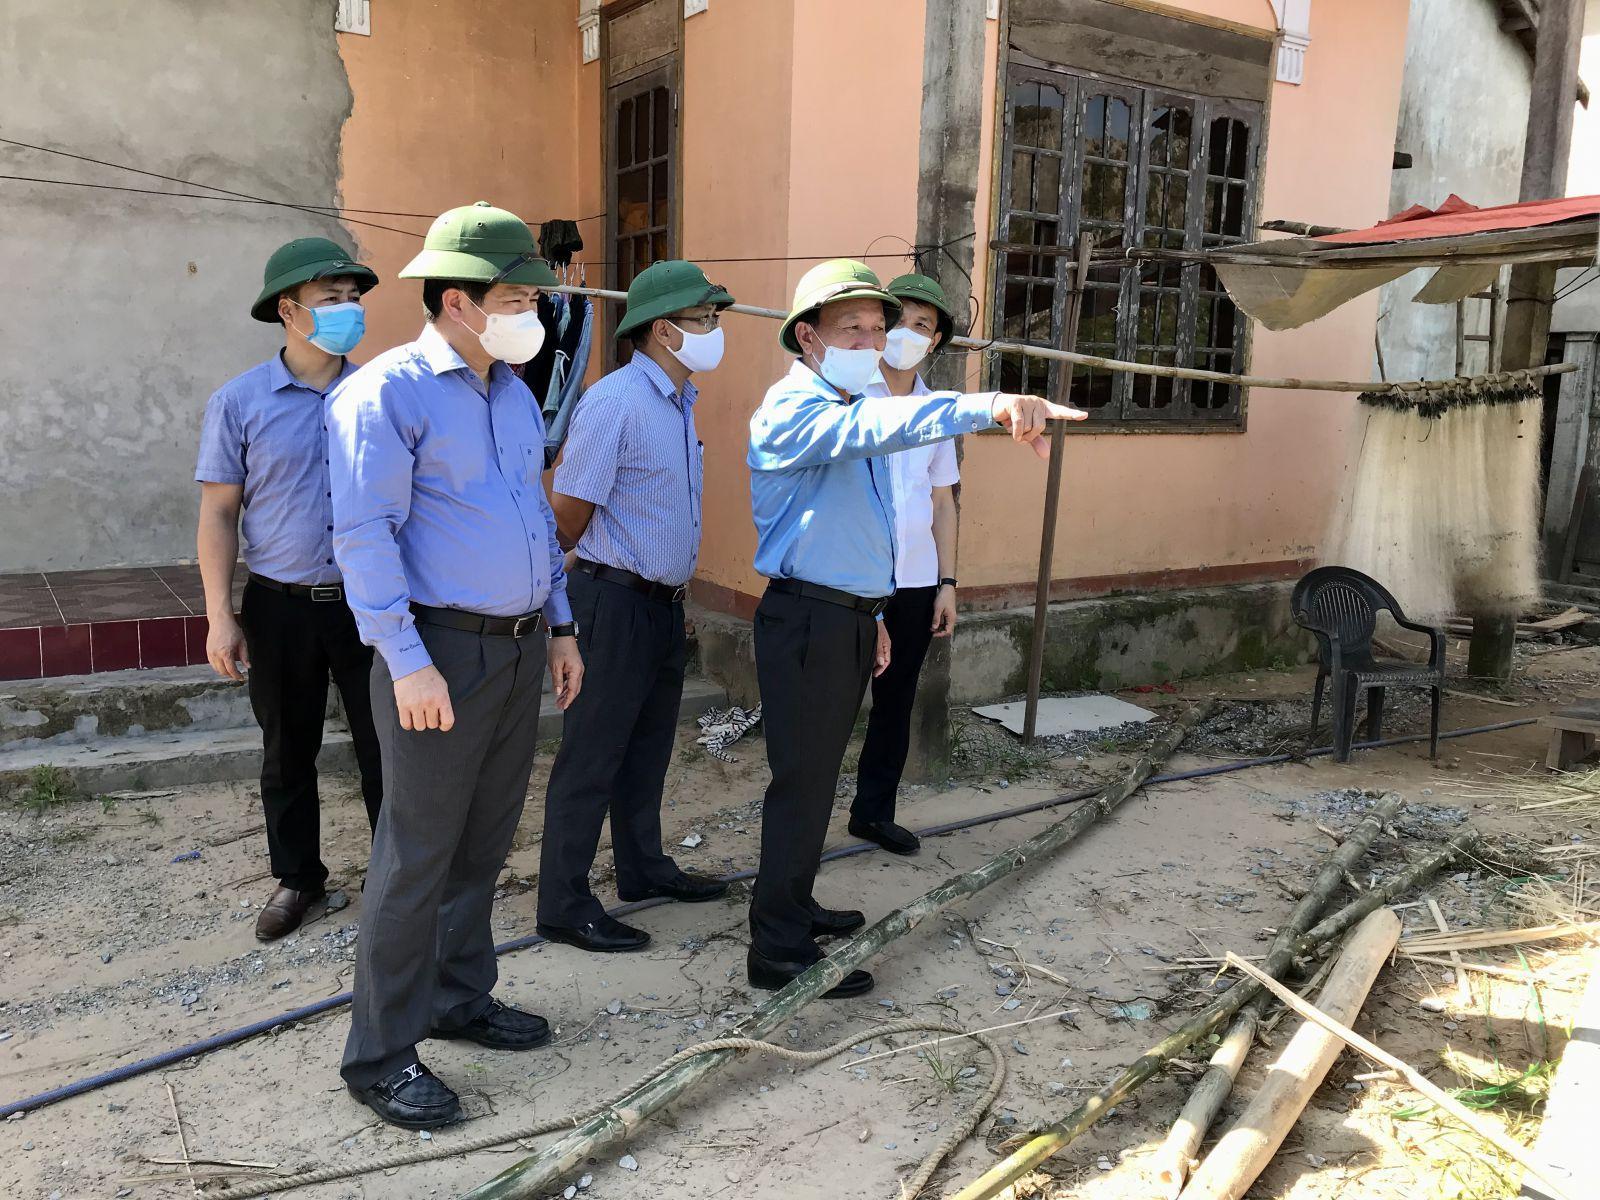 Đồng chí Phó Bí thư Thường trực Tỉnh ủy làm việc với Ban Thường vụ Huyện ủy Tuyên Hóa